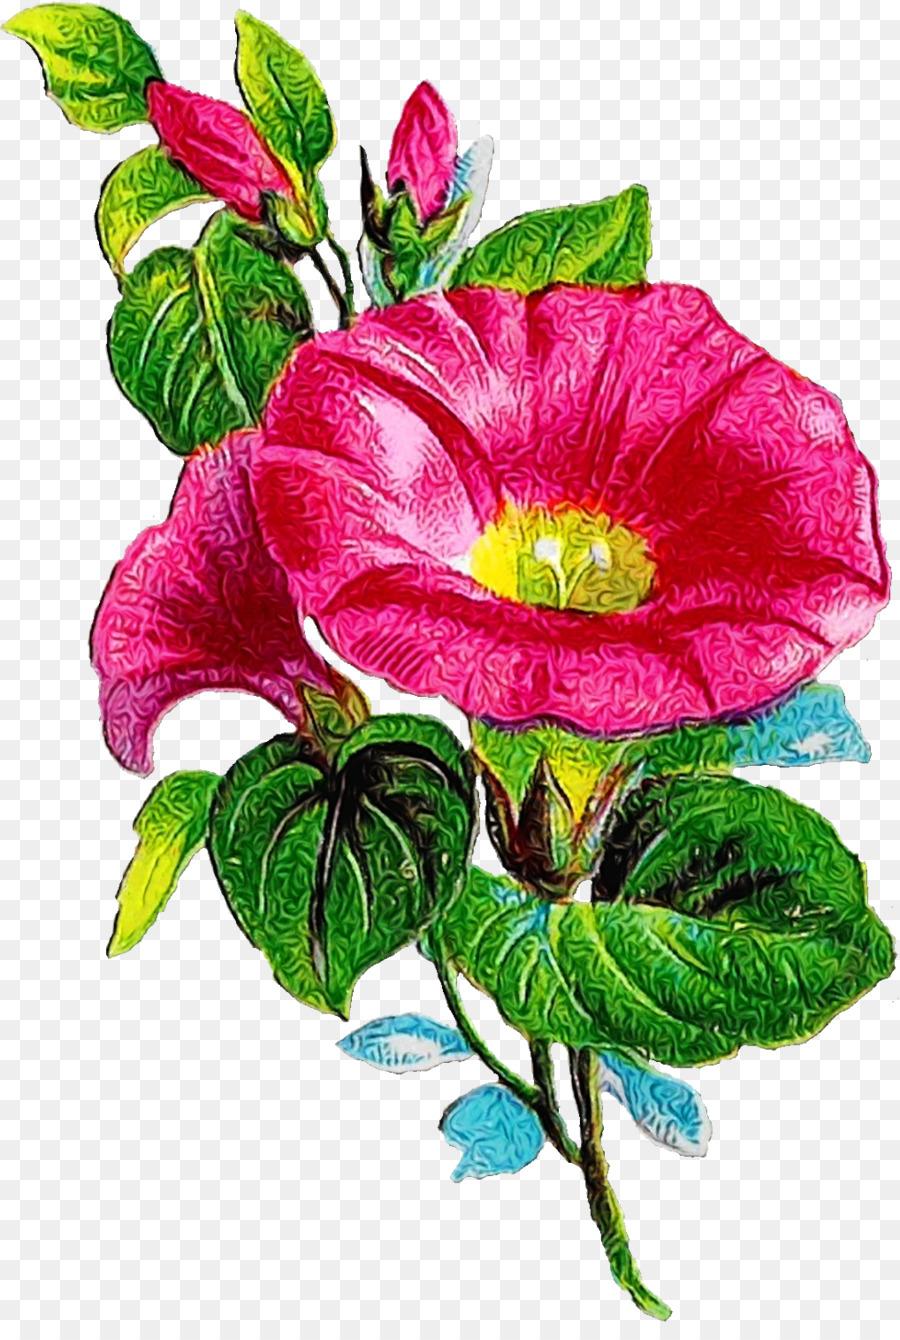 Descarga gratuita de Gloria De La Mañana, Col Rosa, Las Rosas De Jardín Imágen de Png